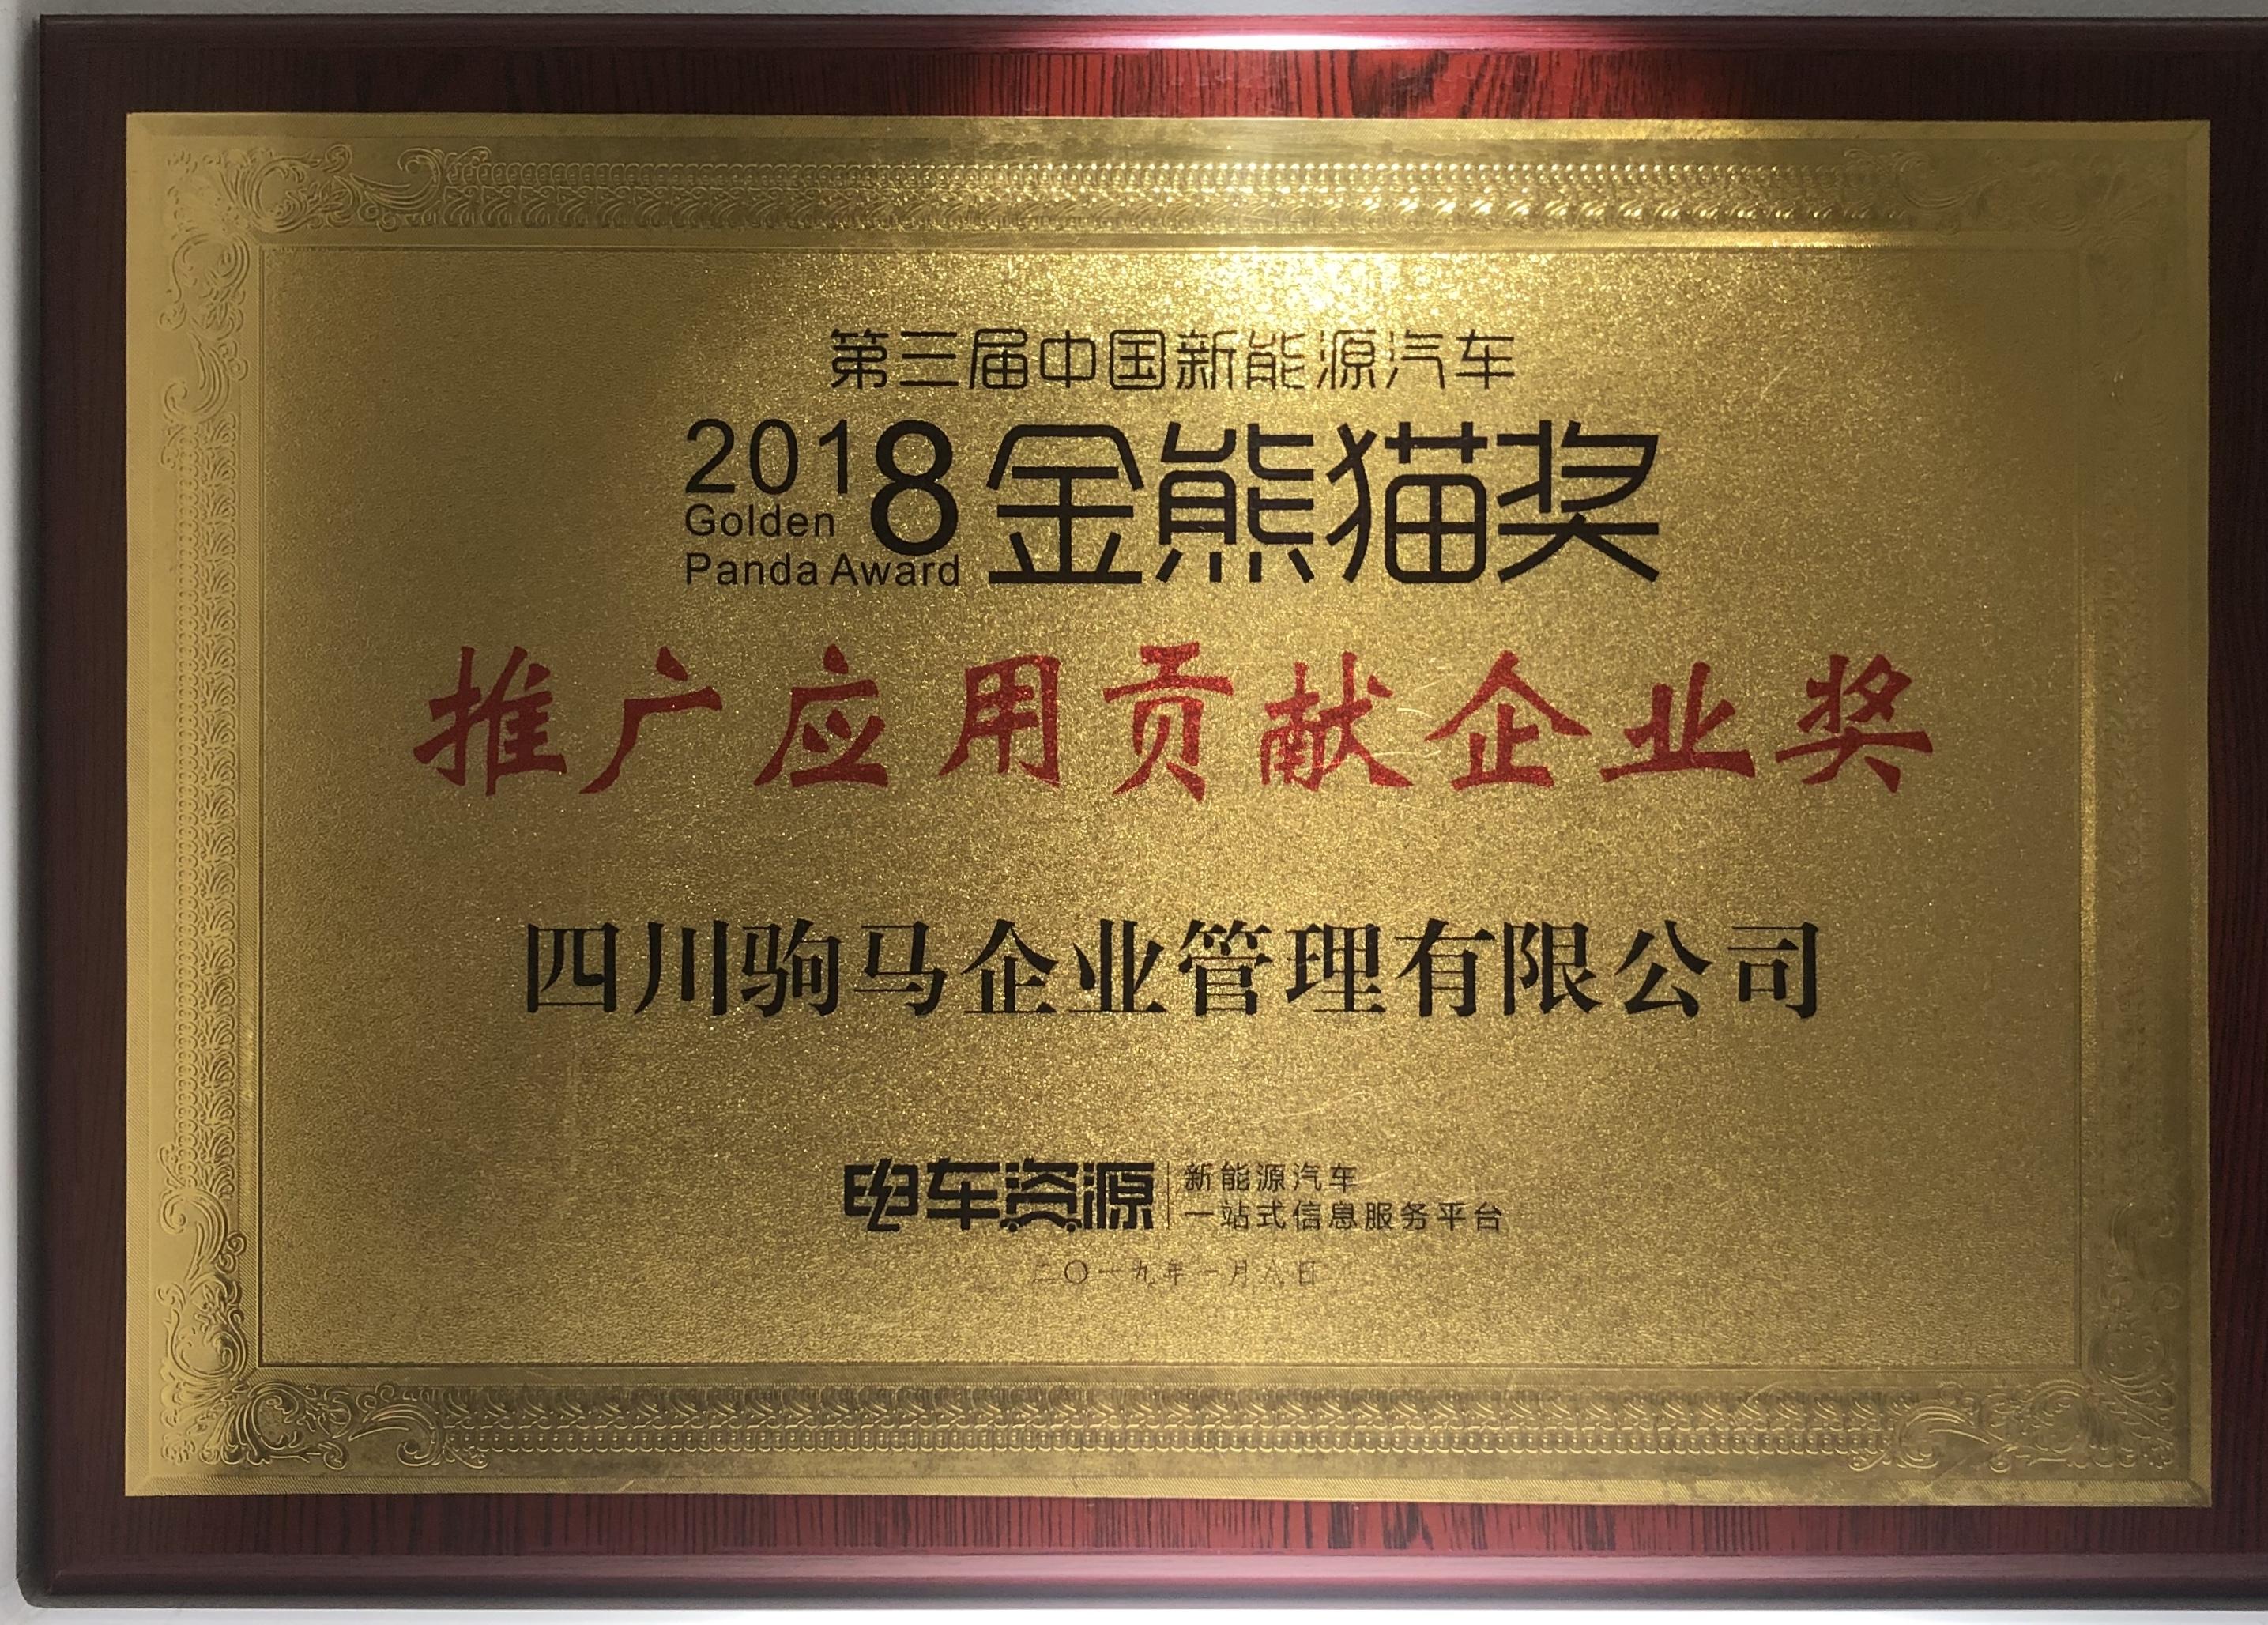 2018金熊貓獎推廣應用貢獻企業獎